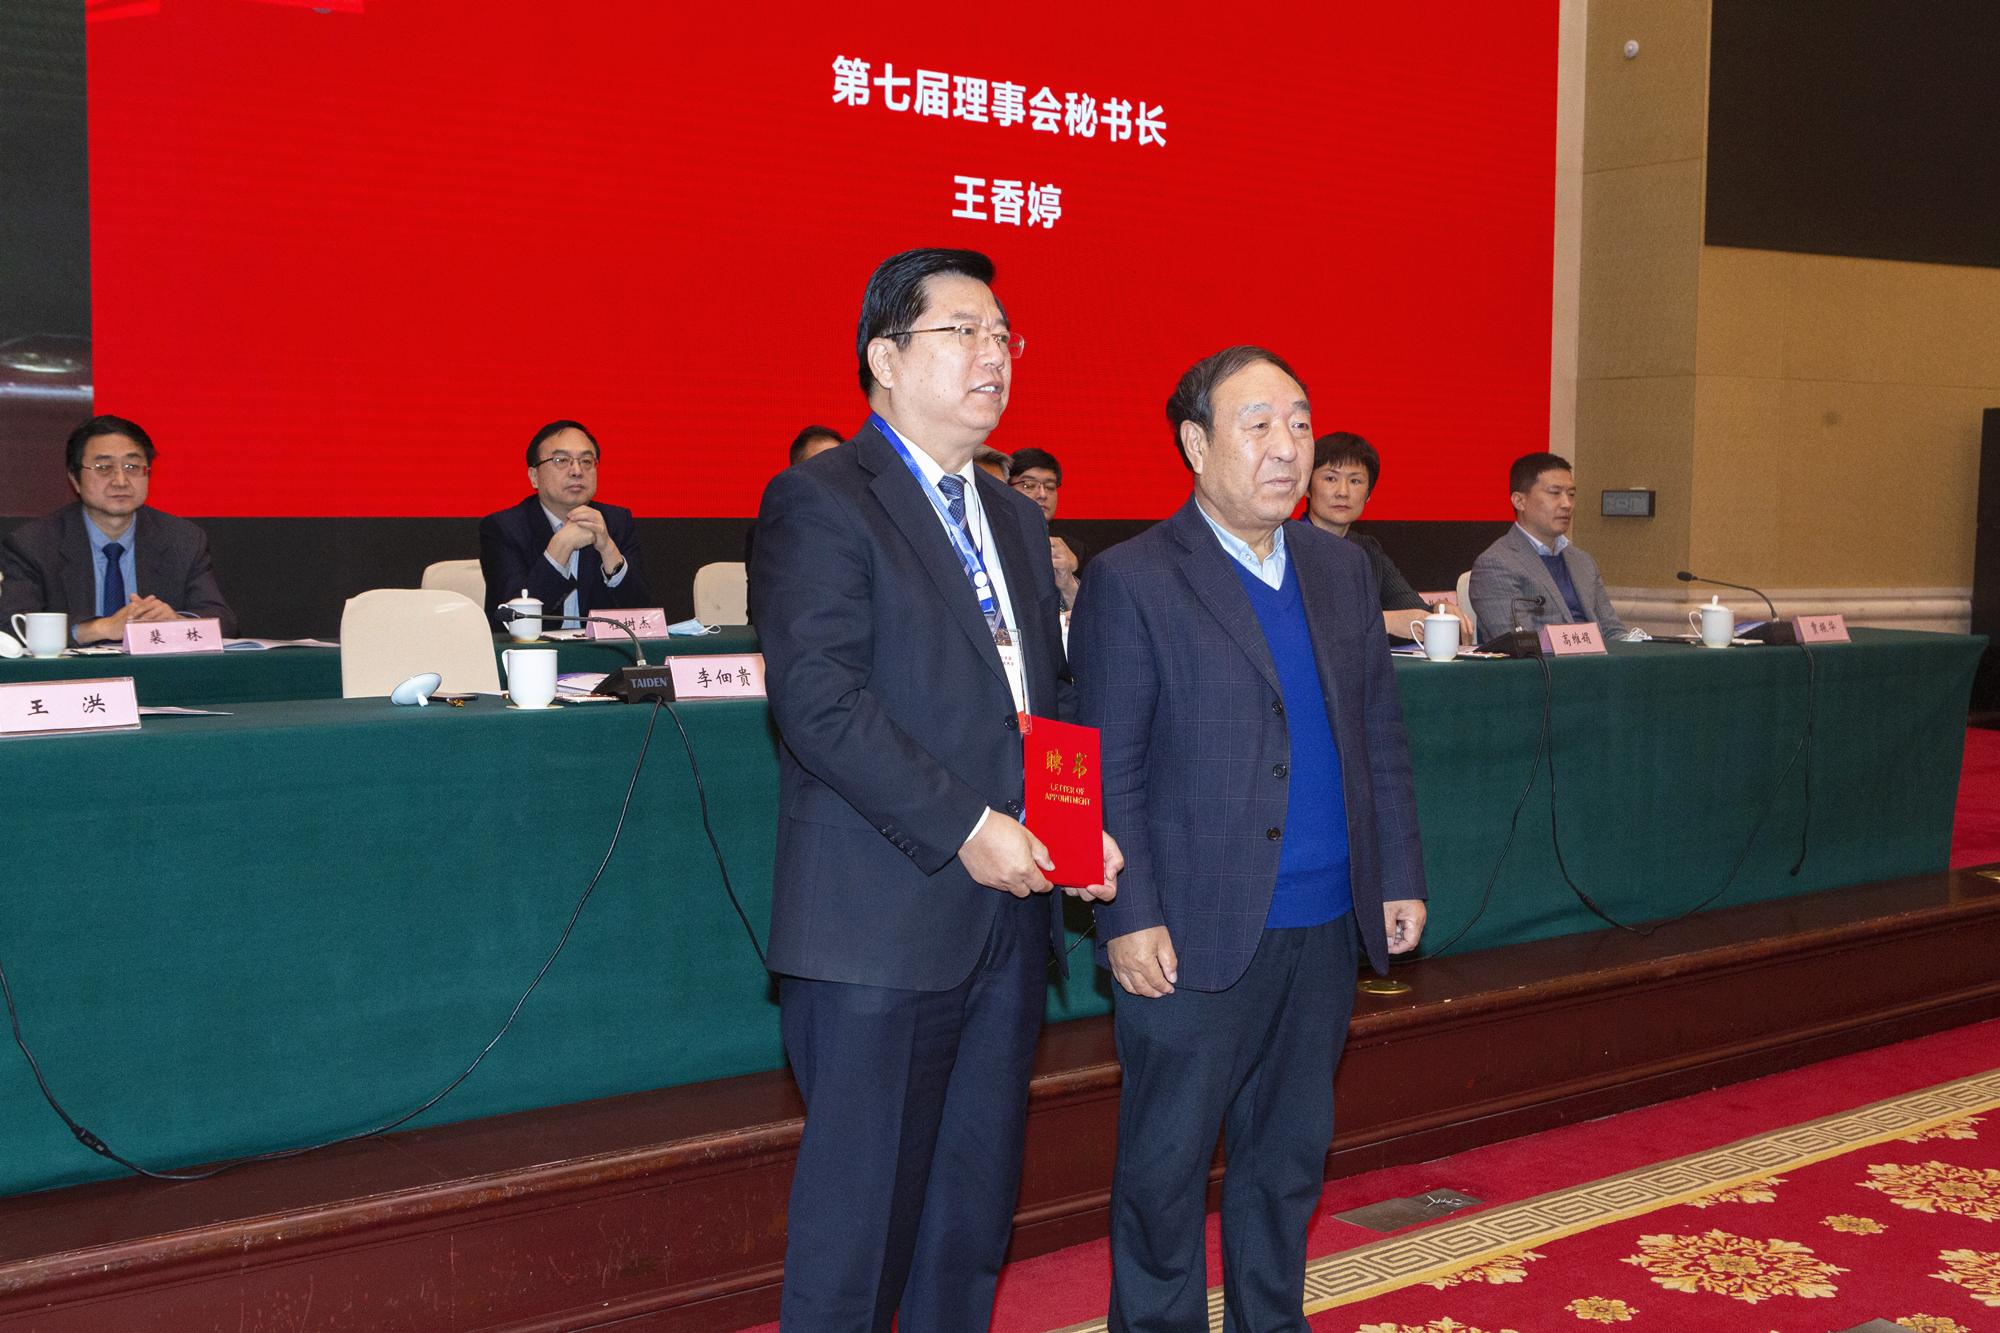 河北省中西医结合学会完成换届选举 王洪当选会长 程树杰当选副会长